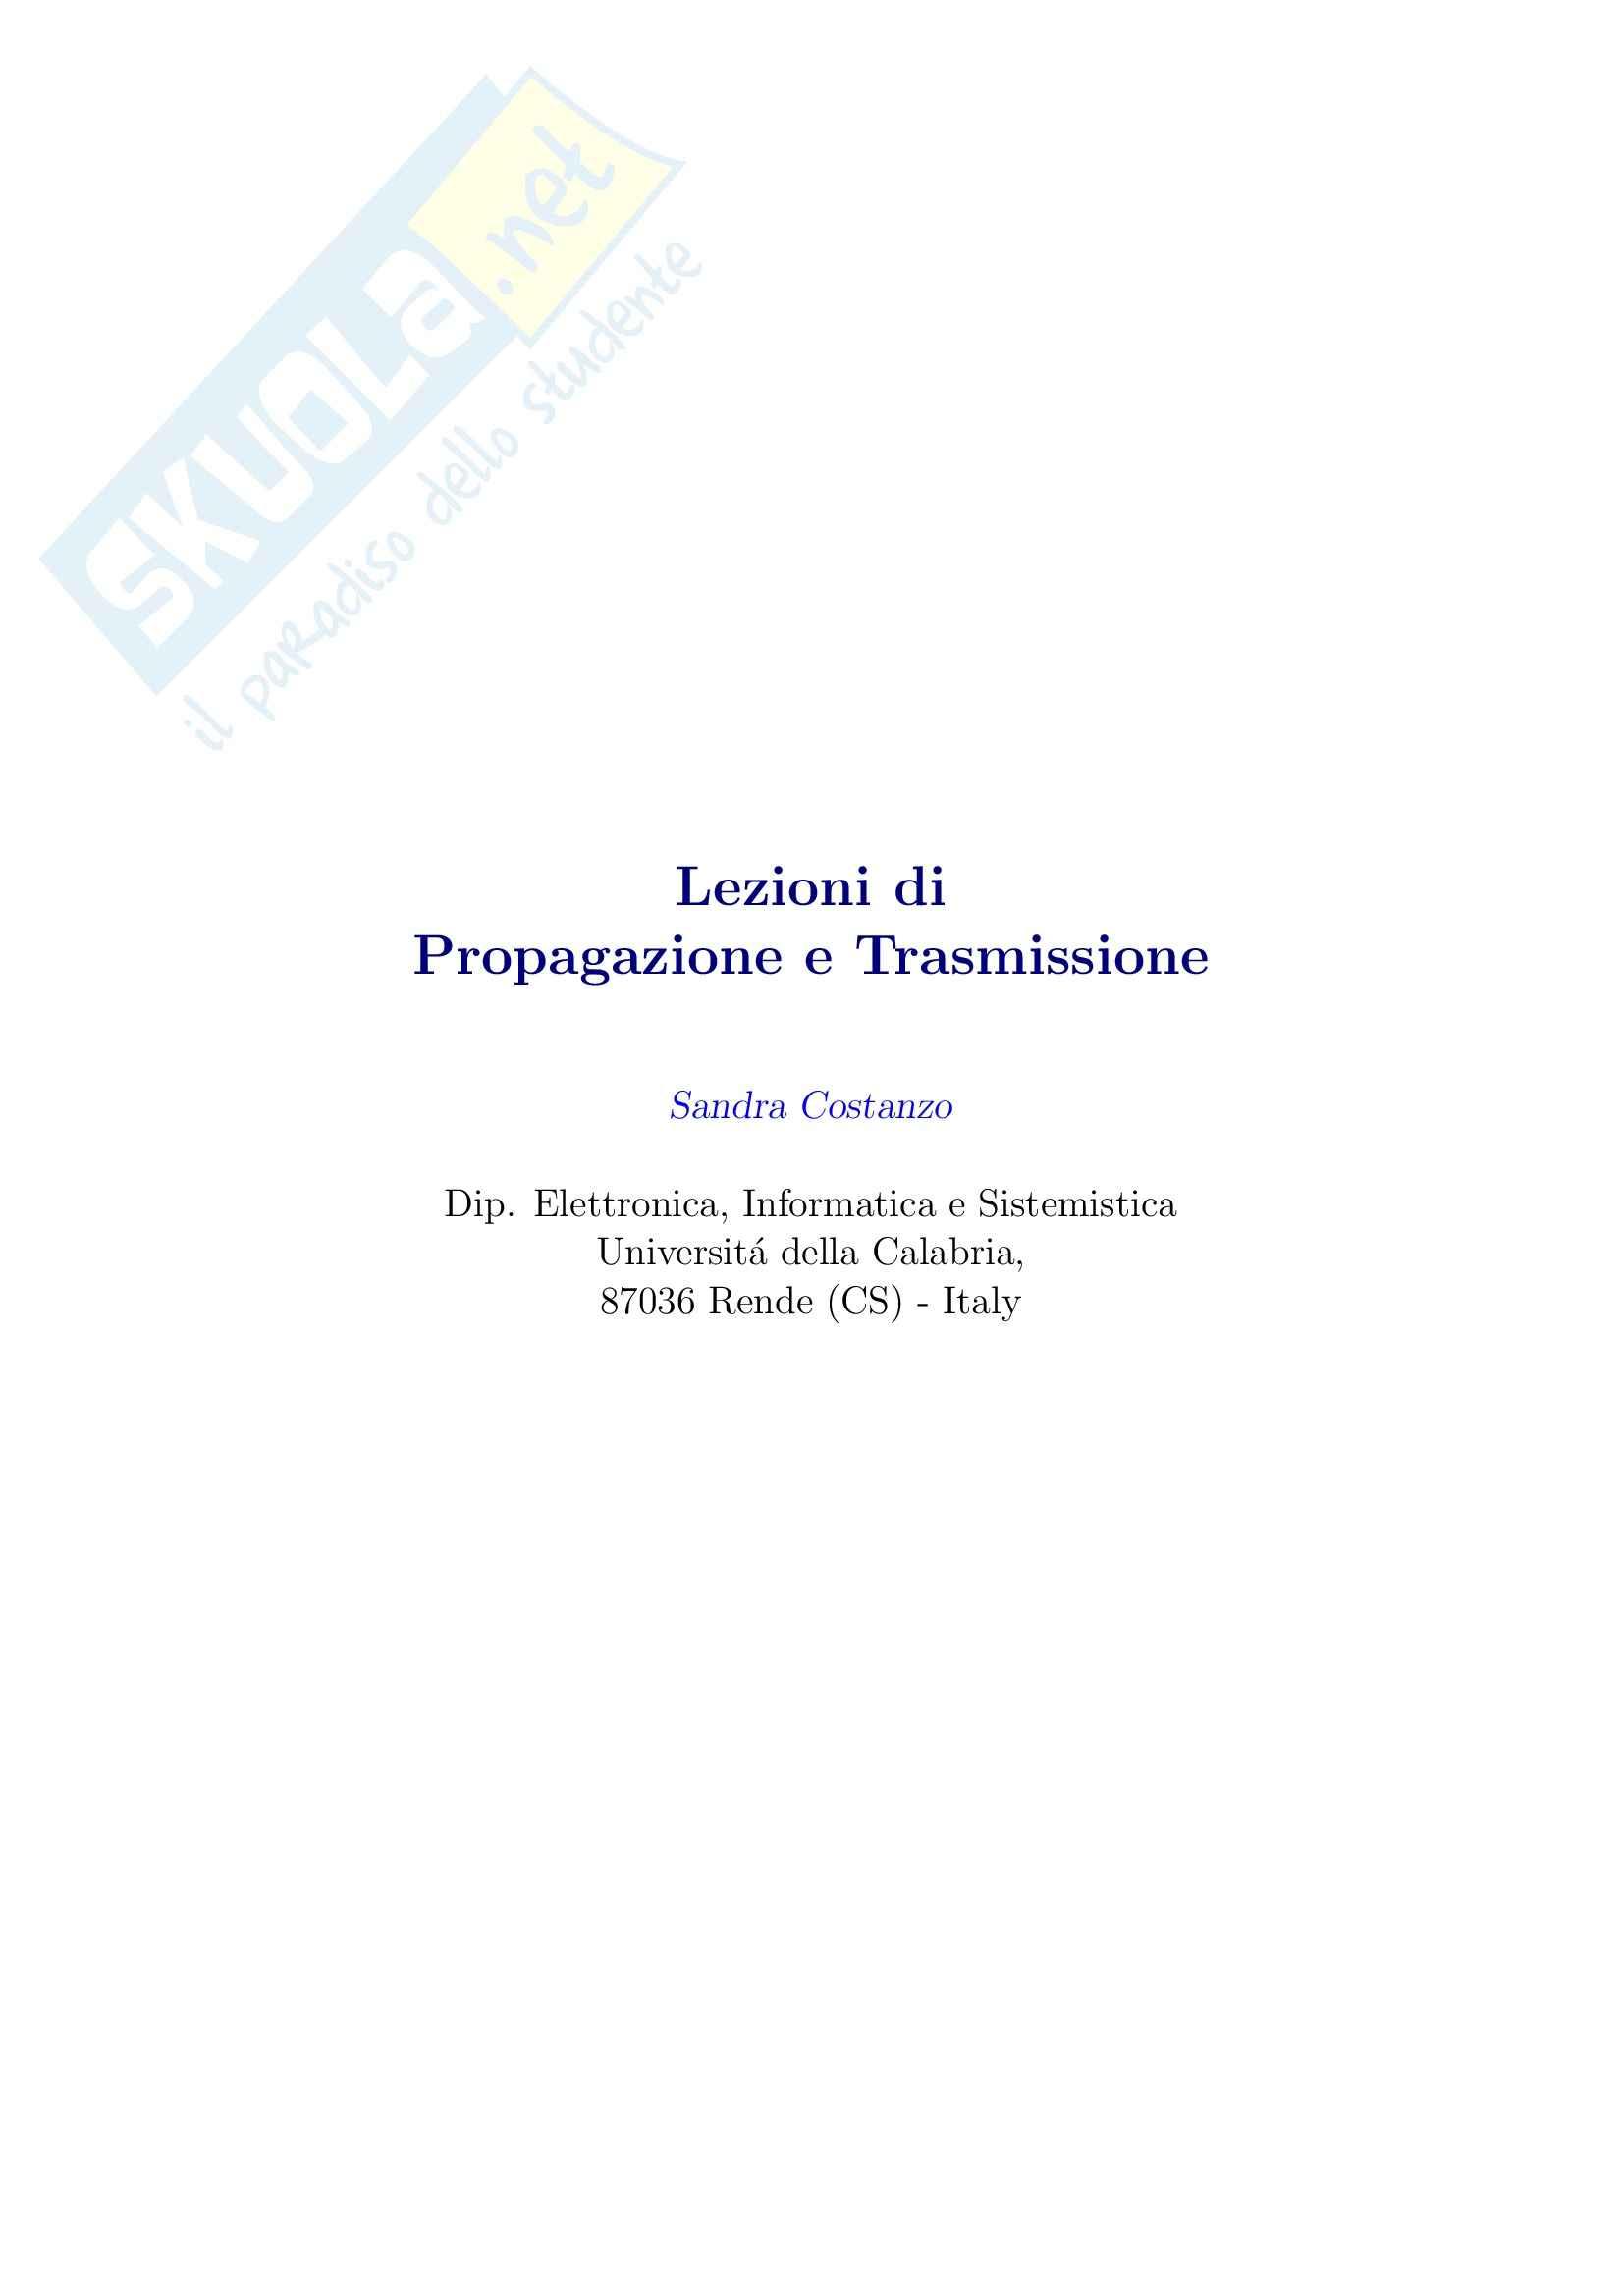 Propagazione e trasmissione - Appunti